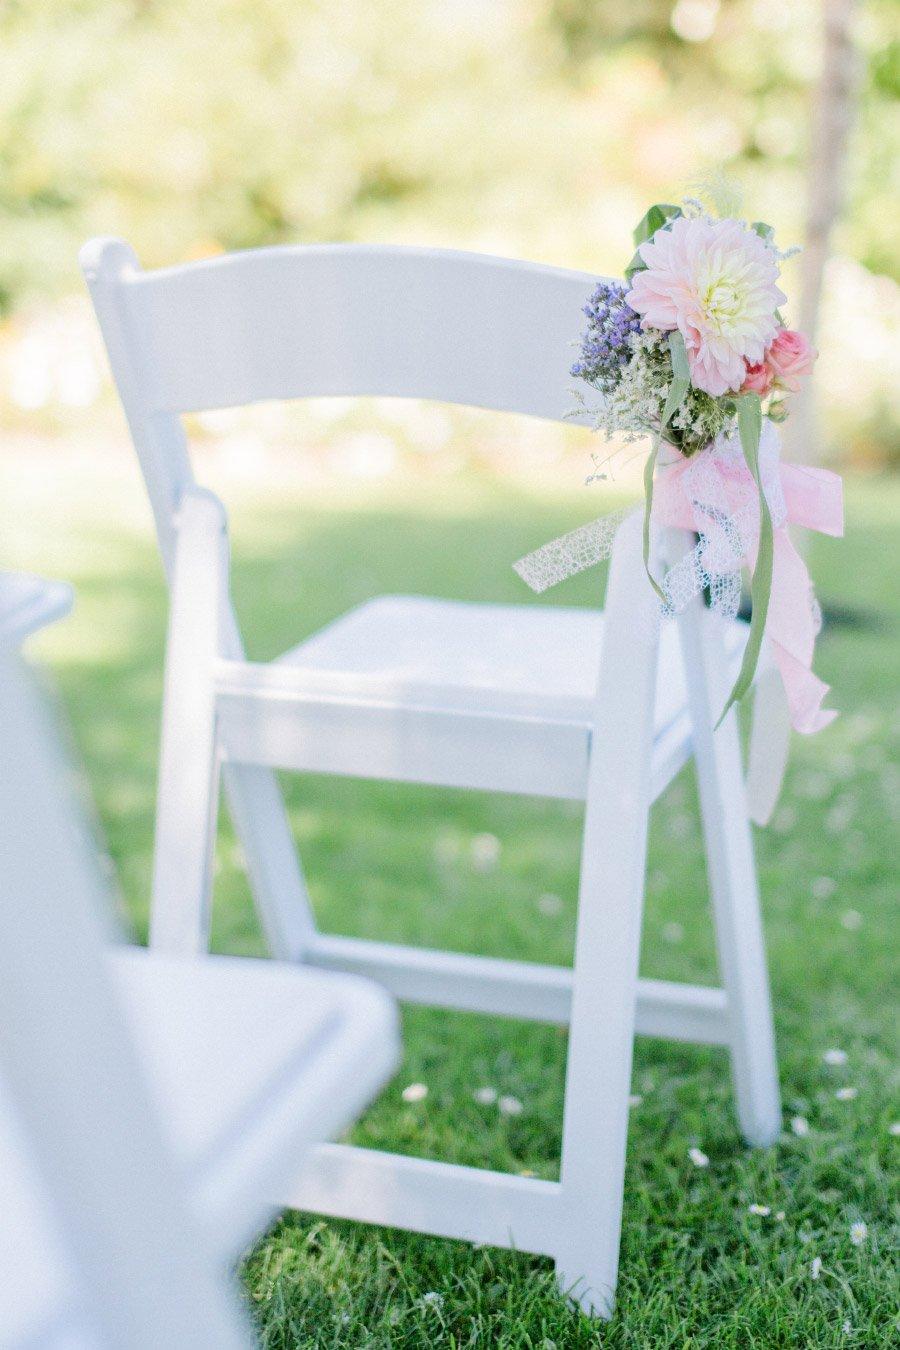 Mit Blumen dekorierte Stühle